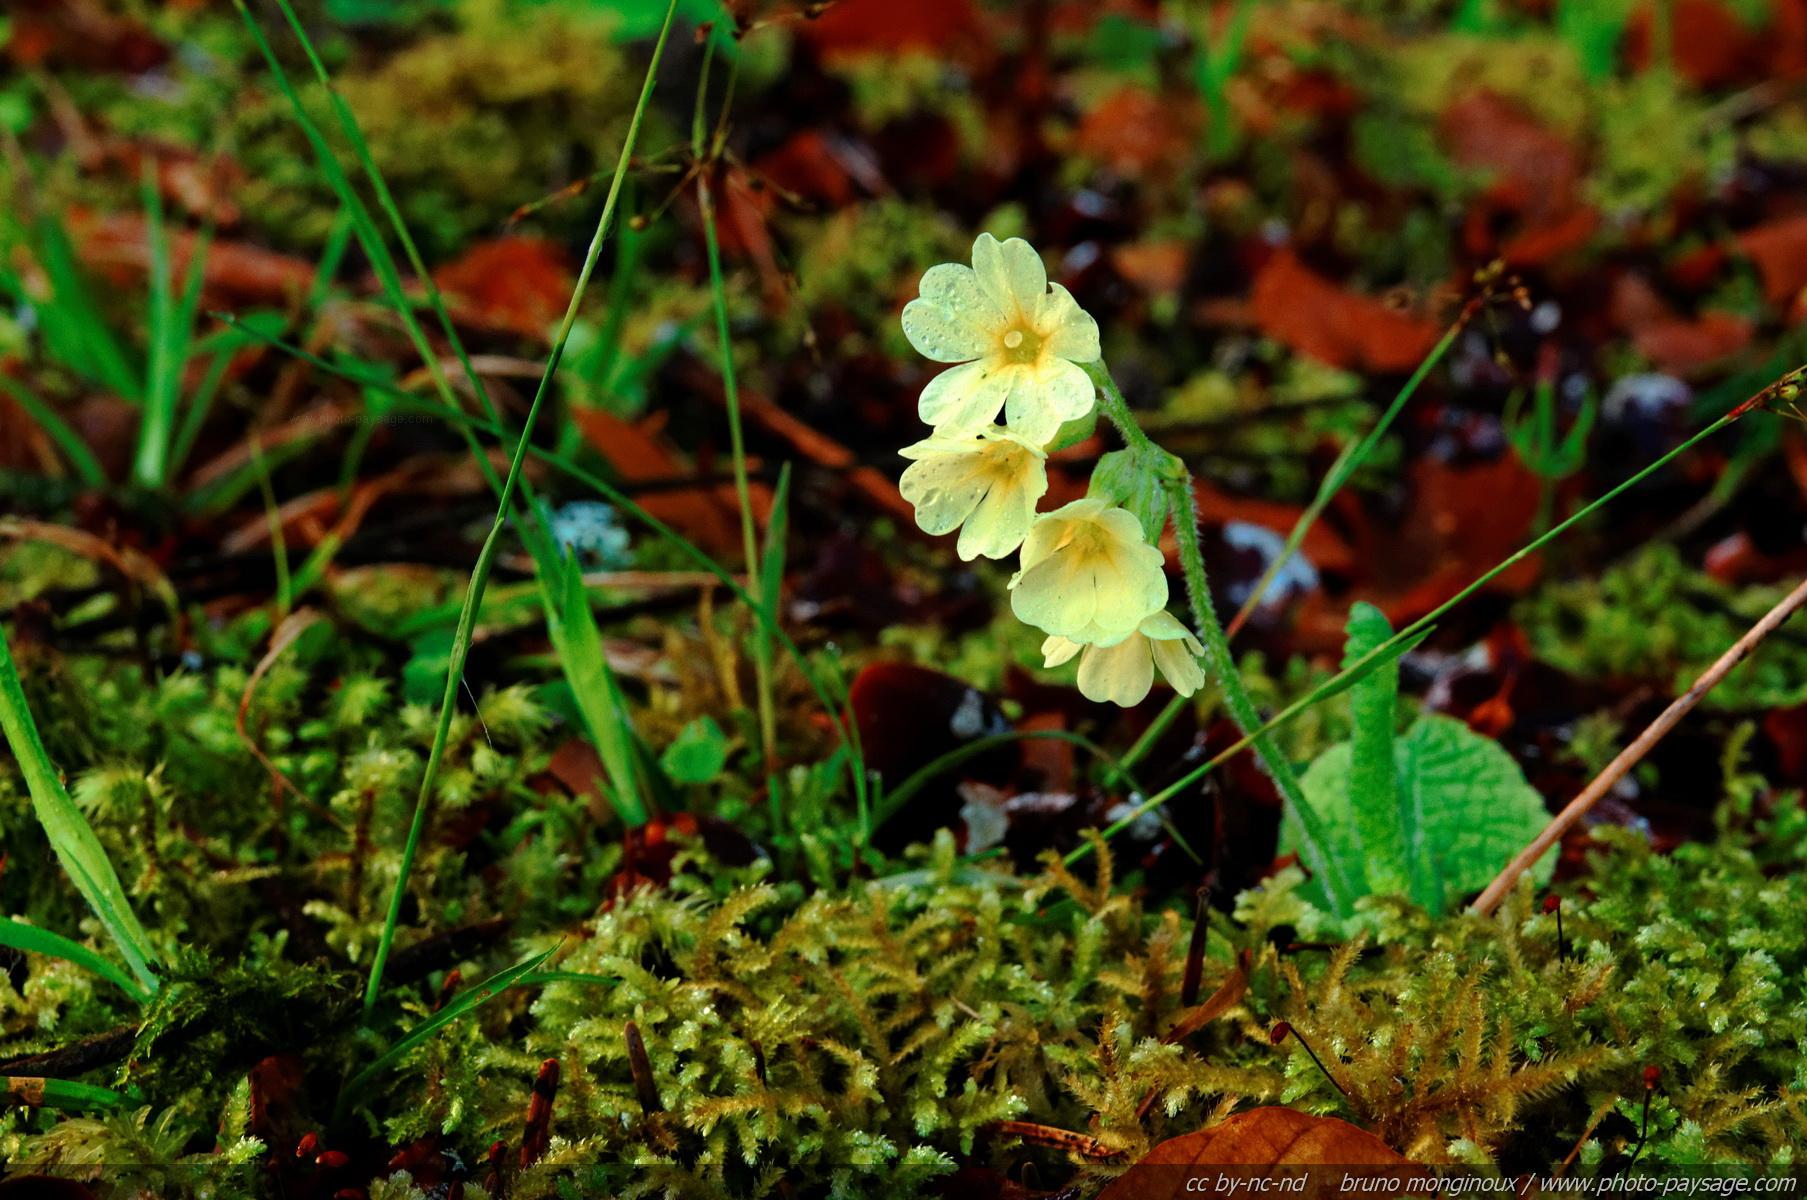 Cliquez ici pour afficher et télécharger le FOND DECRAN ~ Fleurs Des Bois